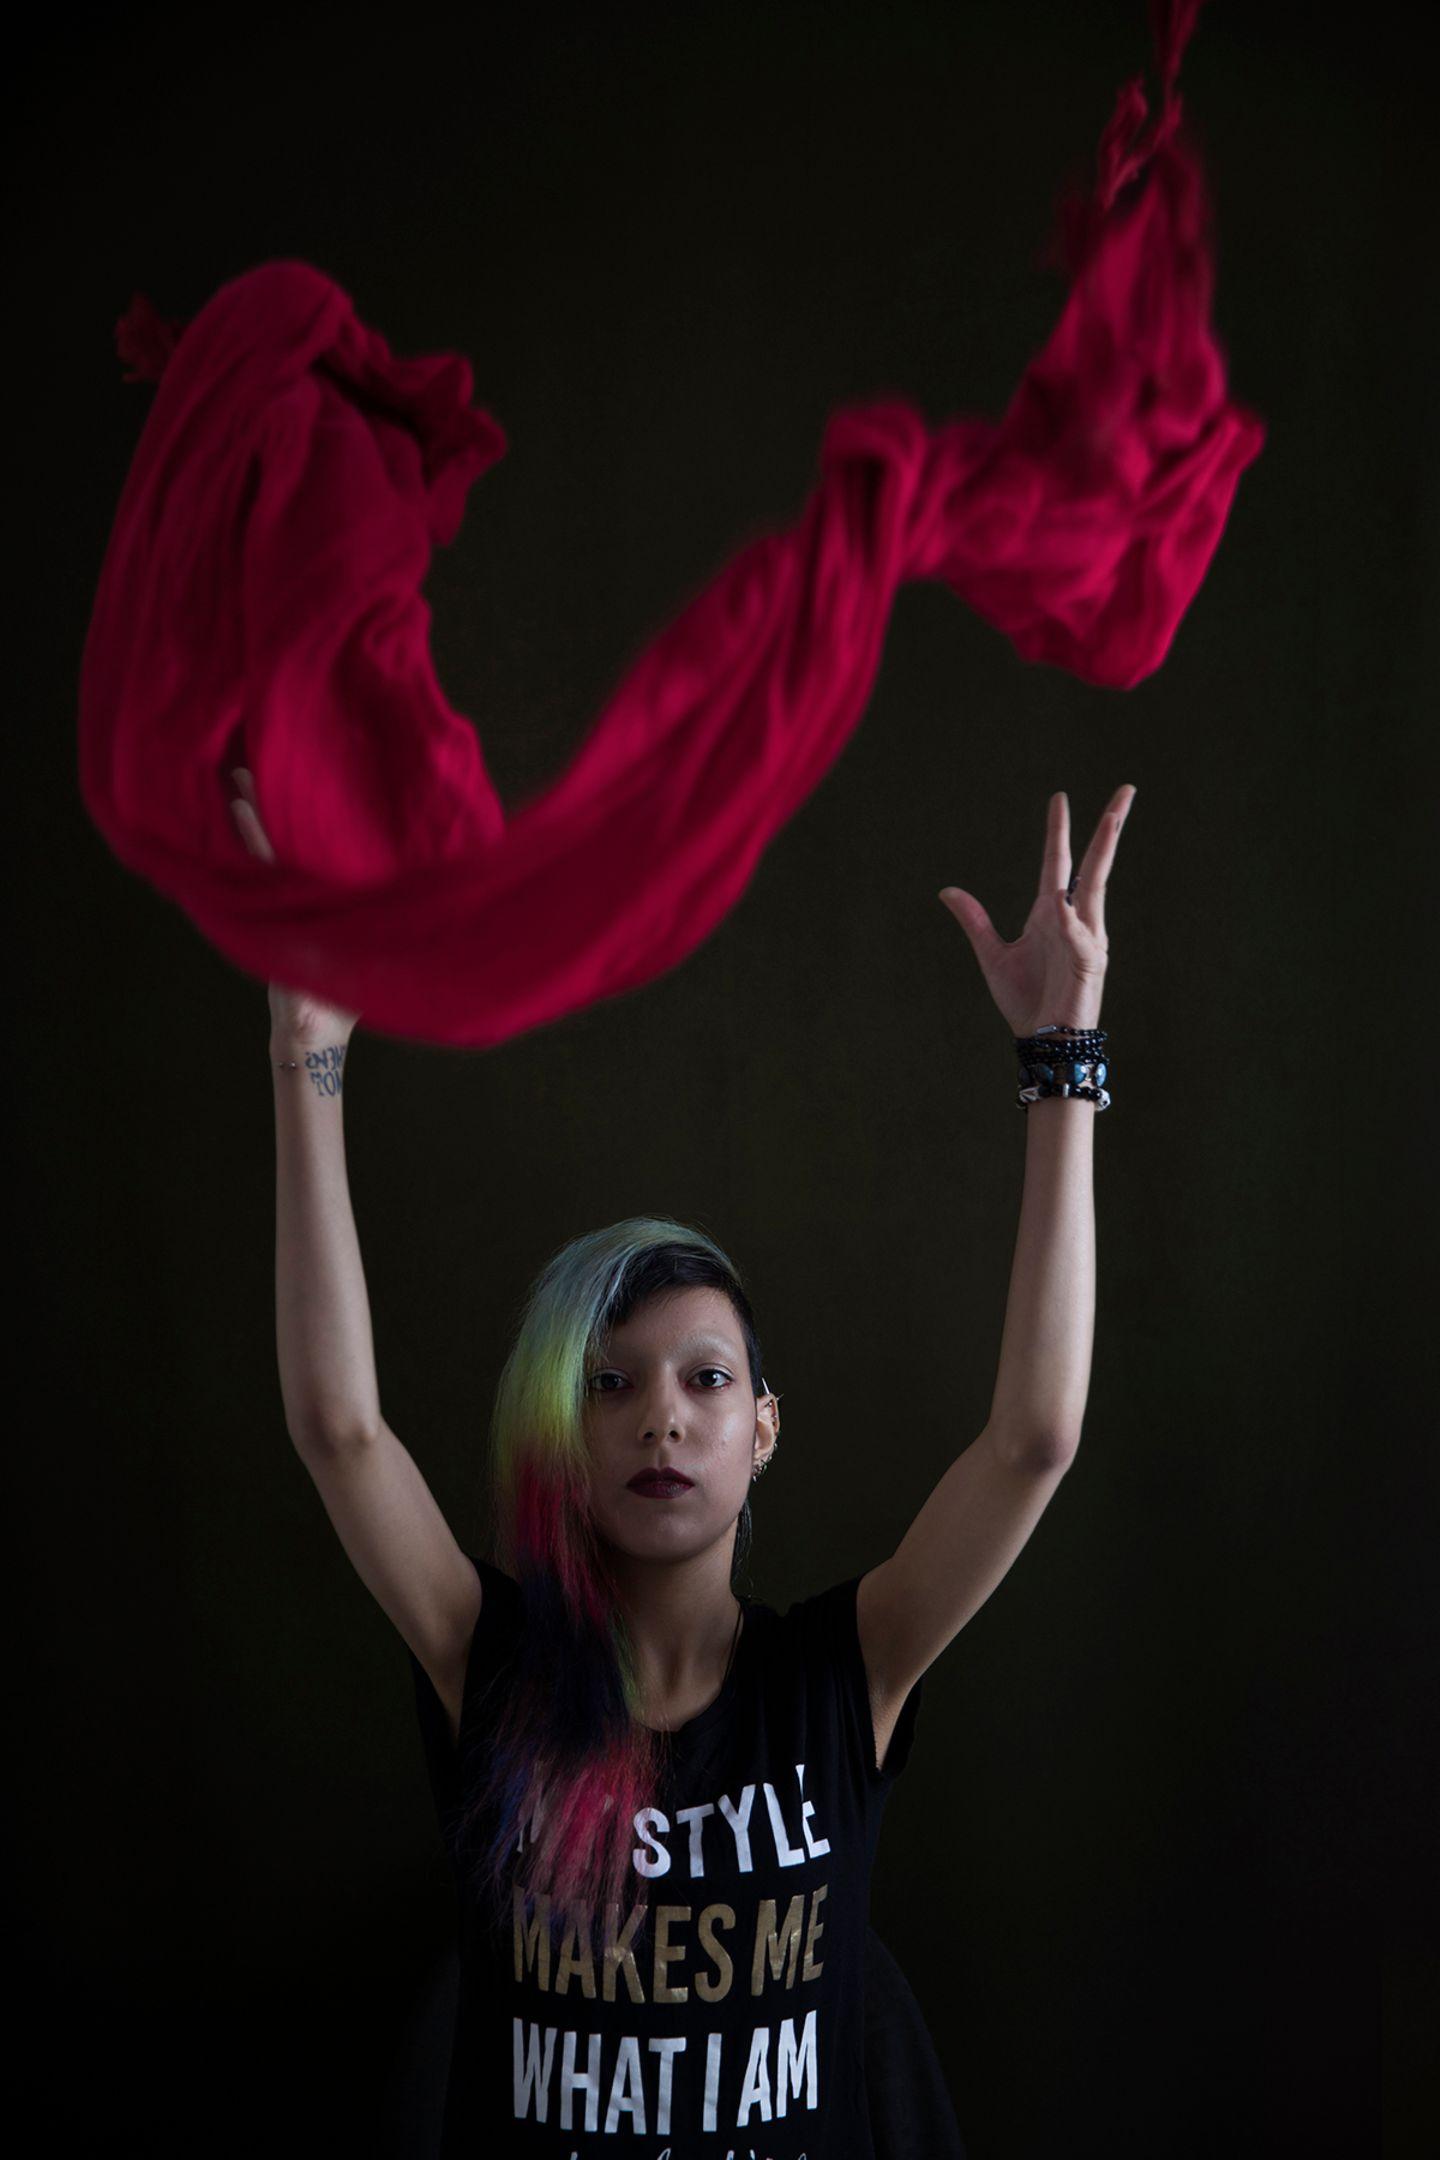 """""""Masih Alinejad und ihre Bewegung 'My Stealthy Freedom' hat die Frauen im Iran bestärkt. Mit meinem Projekt möchte ich zu diesem Bewusstsein beitragen."""" (Marinka Masséus)"""